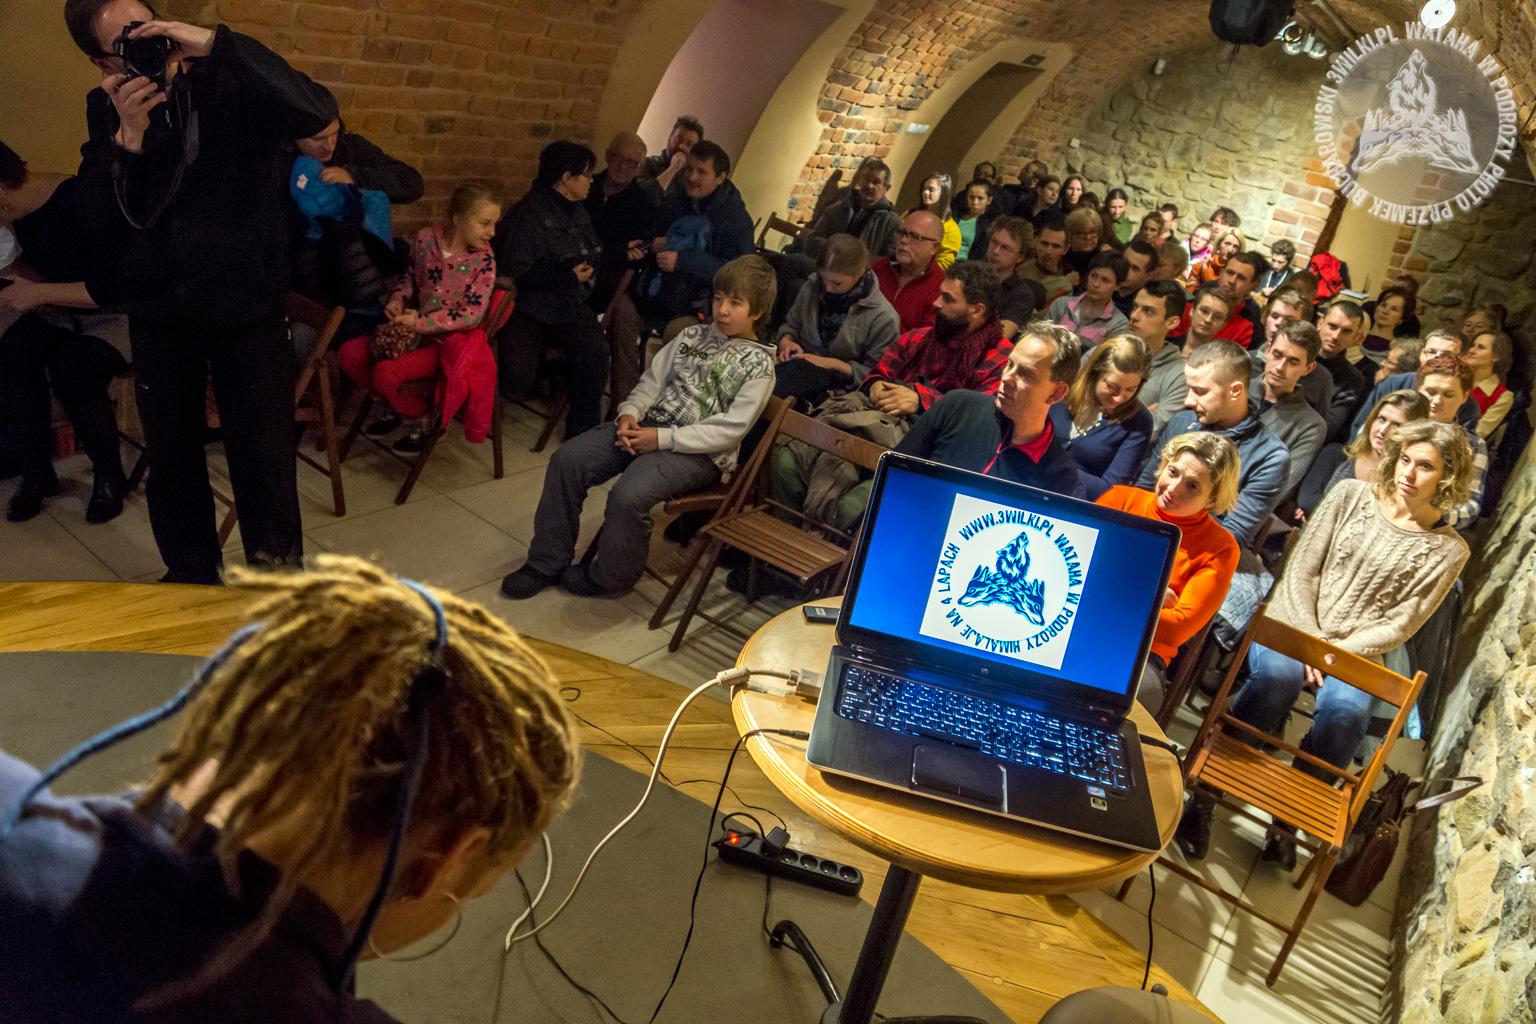 Ponad 70 osób przyszło na spotkanie z nami w Krośnie